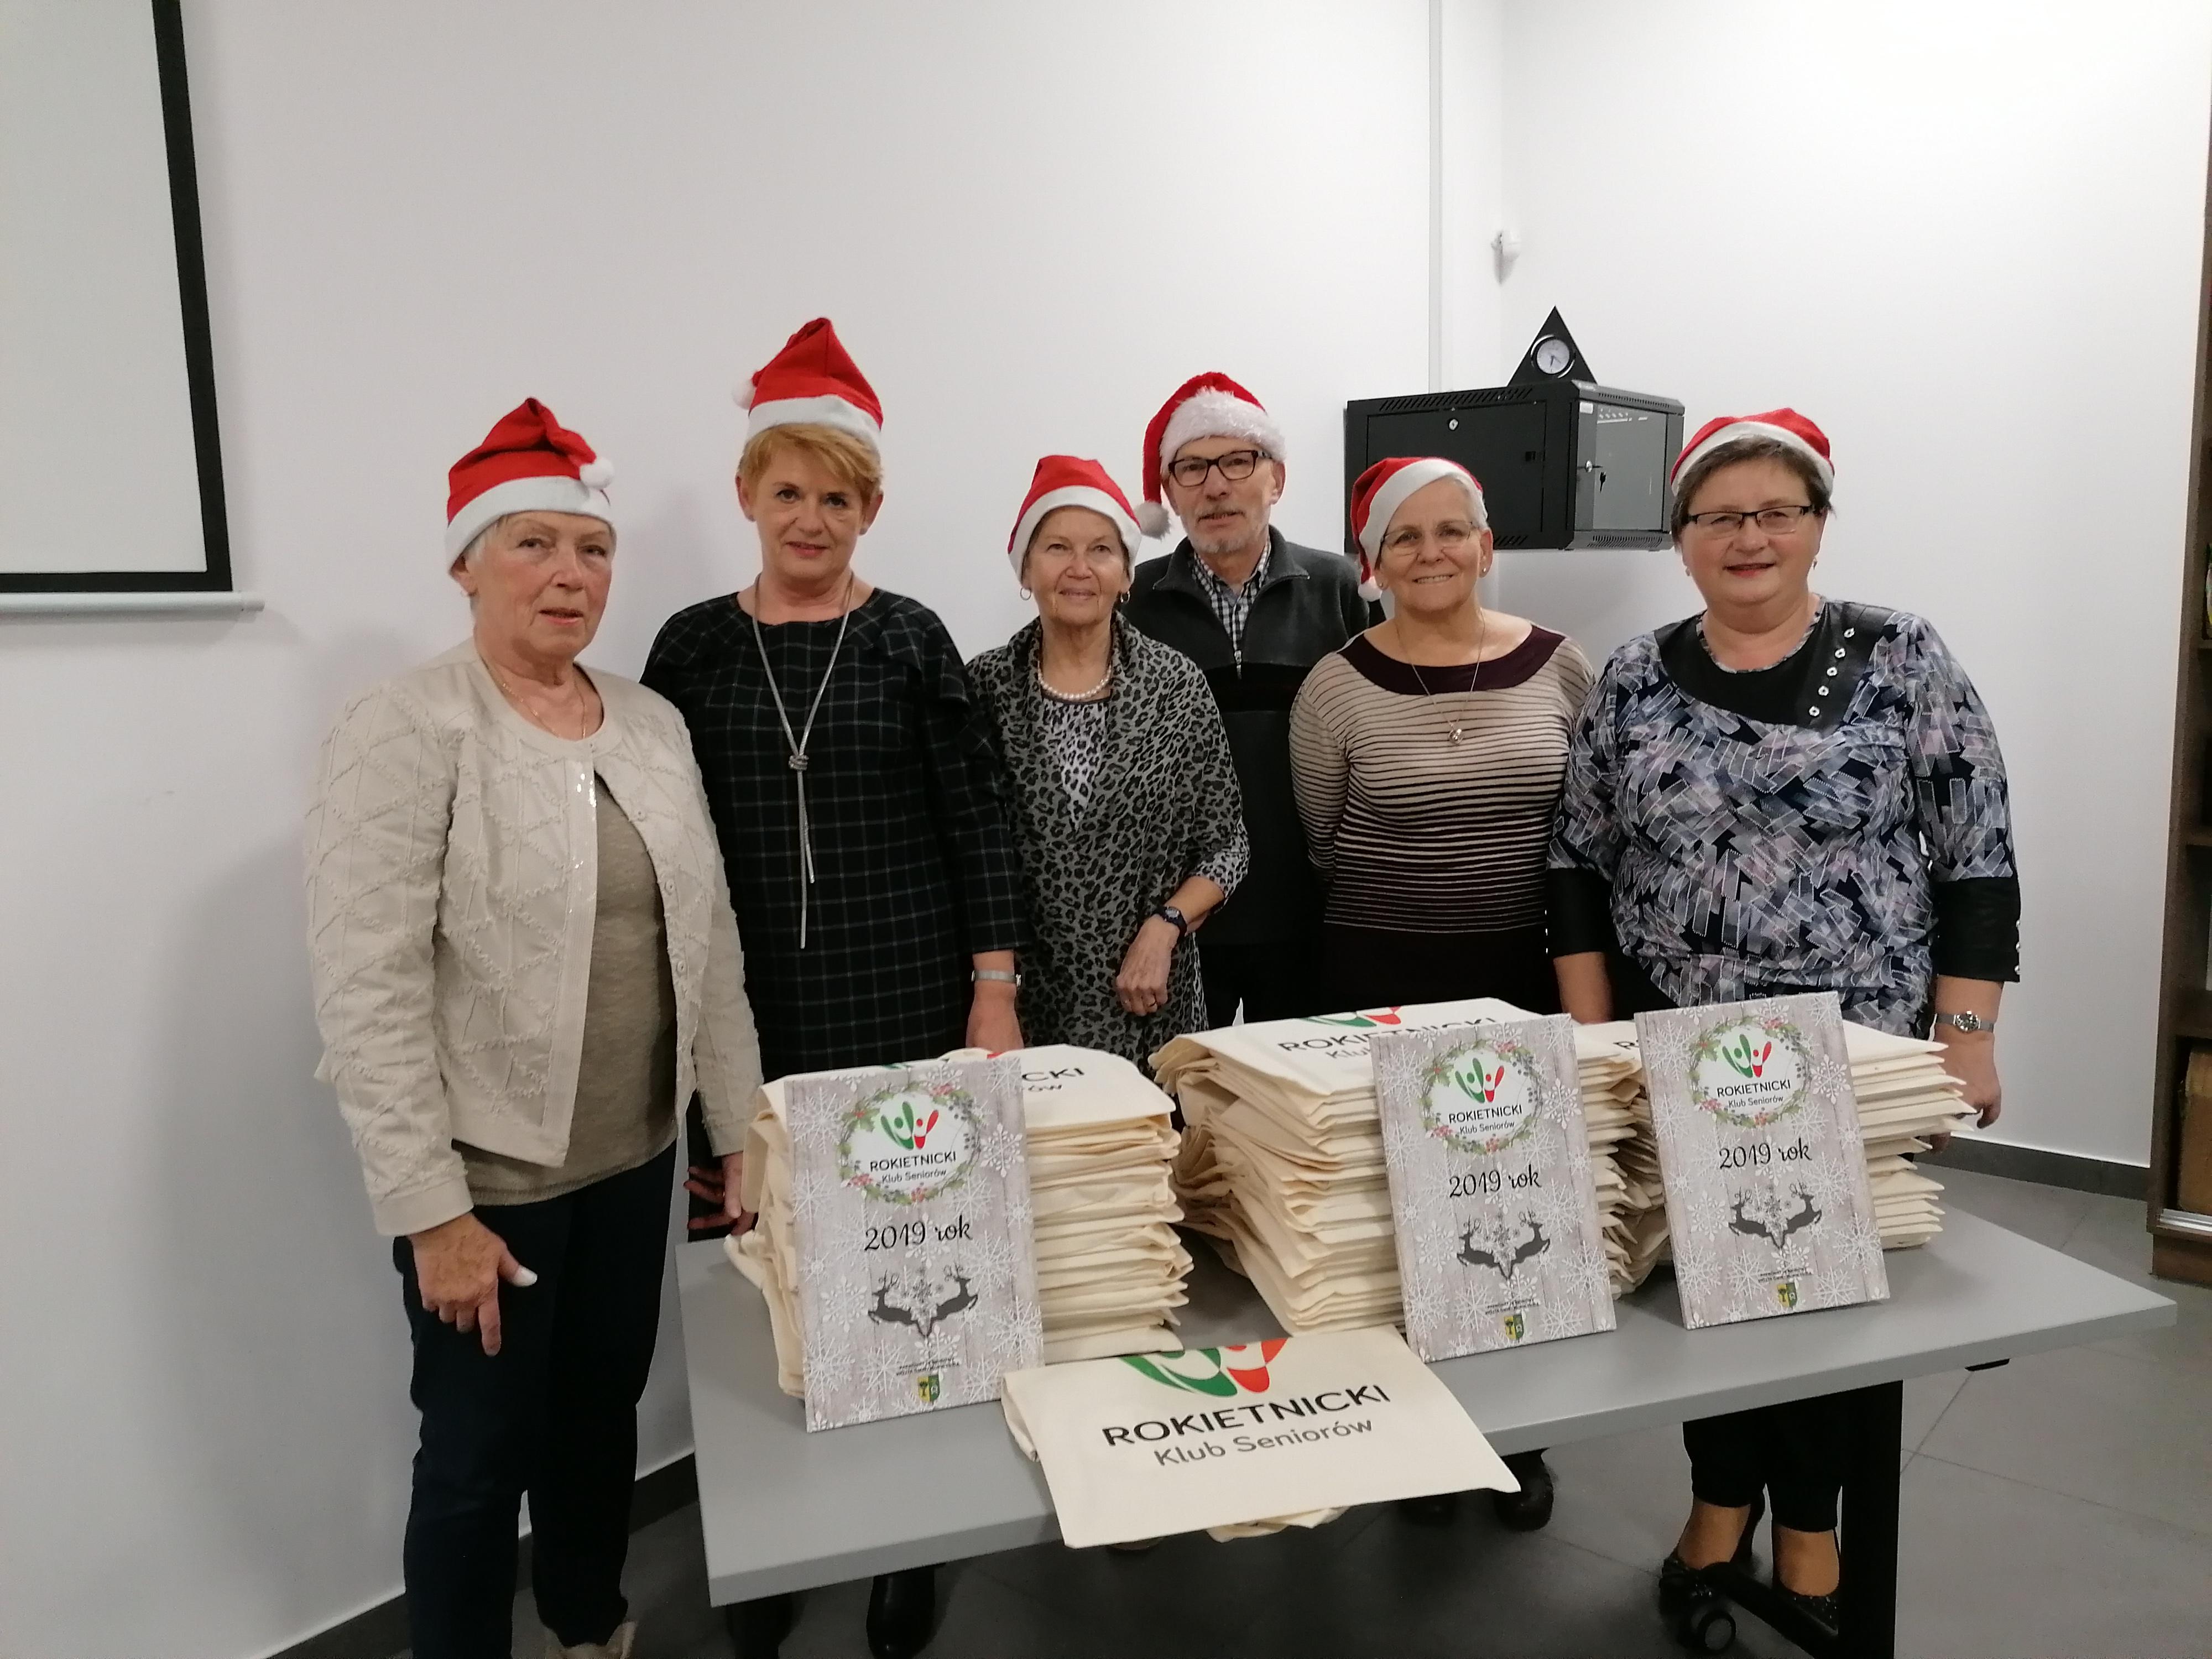 Członkowie Rokietnickiego Klubu Seniorów w mikołajkowych czapkach prezentujący puublikację - foto książkę oraz bawełniane torby znajdujące się na stole.